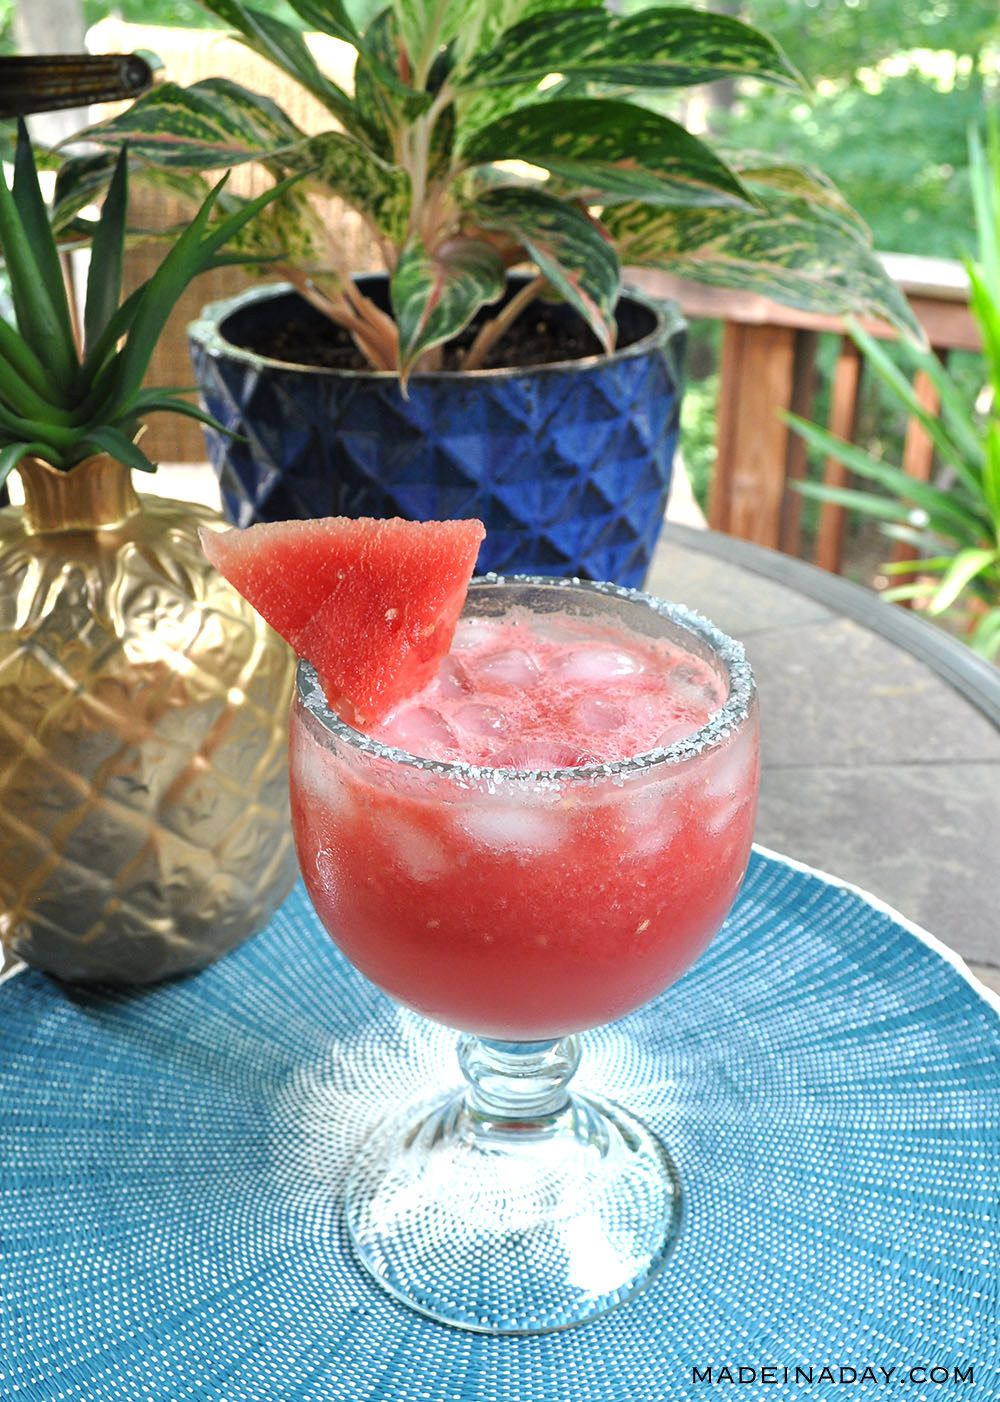 La Sandia Watermelon Margarita Recipe Recipe Watermelon Margarita Margarita Recipes Watermelon